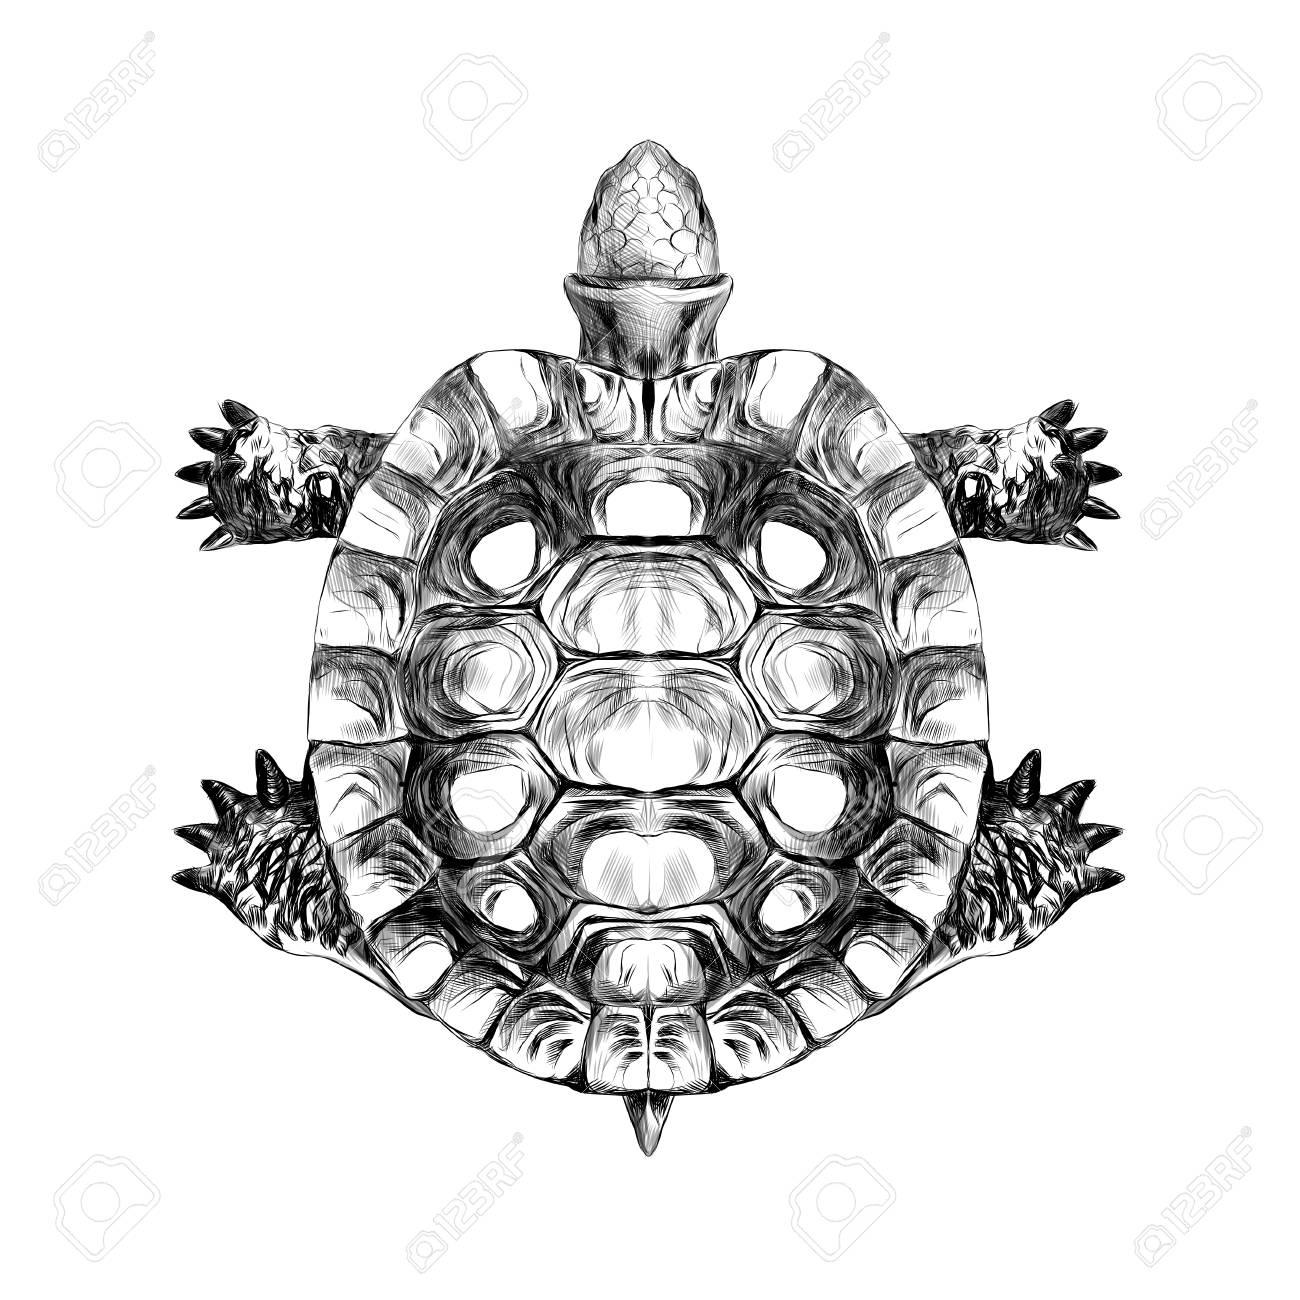 carre de tortue carapace rampant croquis dessin vectoriel noir et blanc